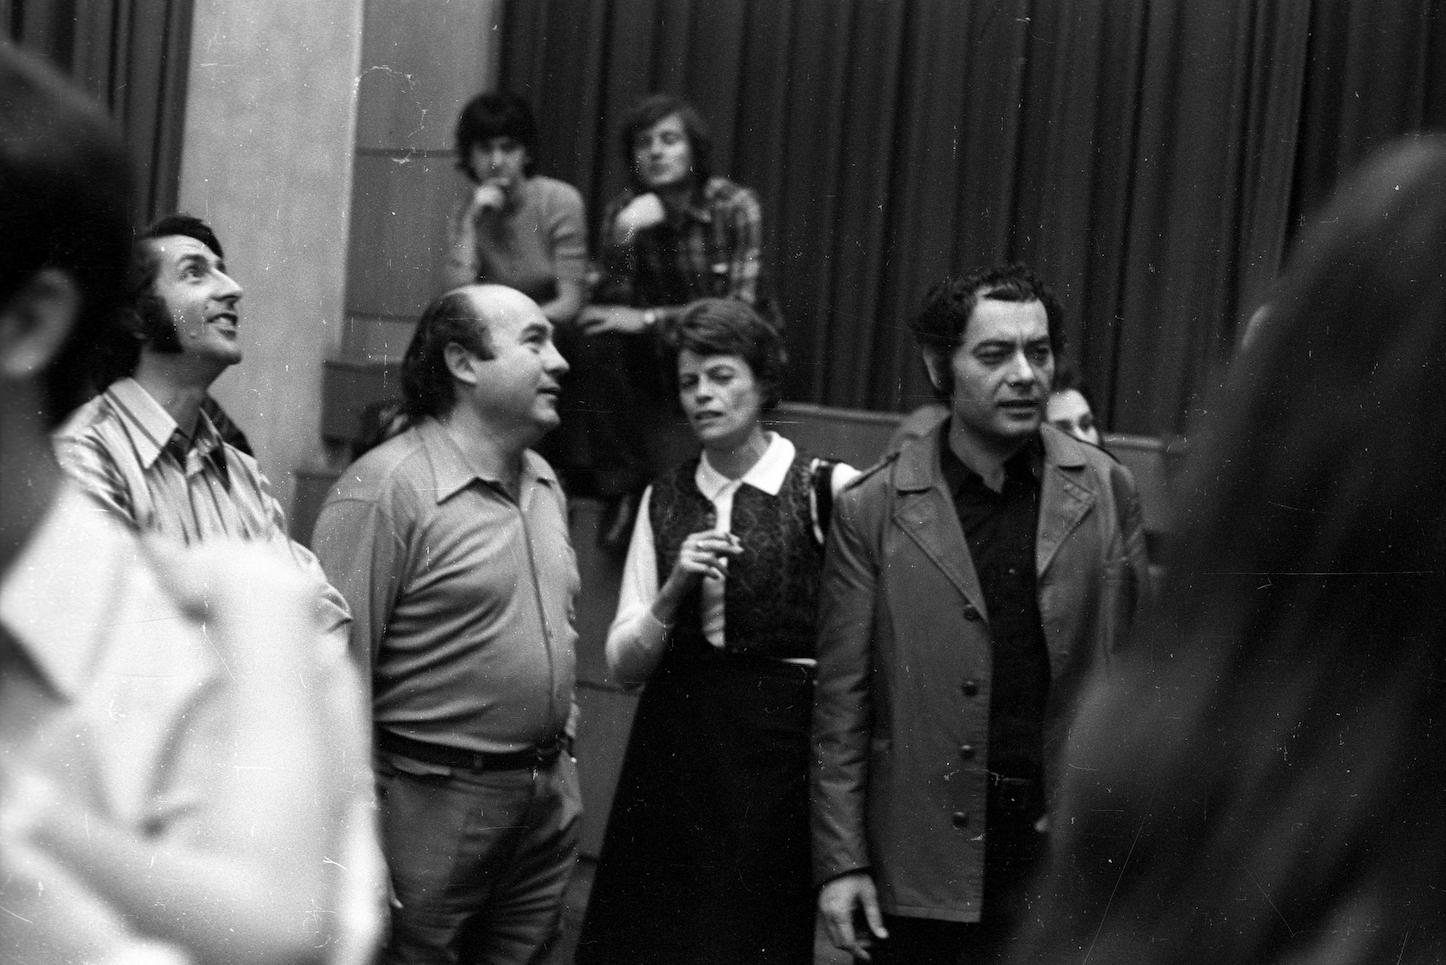 A Liszt Ferenc téri Könyvklub, az első budapesti táncház 1972. május 6-án. Balról Korniss Péter fotográfus, Novák Ferenc koreográfus, Borbély Jolán etnográfus, Csoóri Sándor költő. Forrás: Fortepan